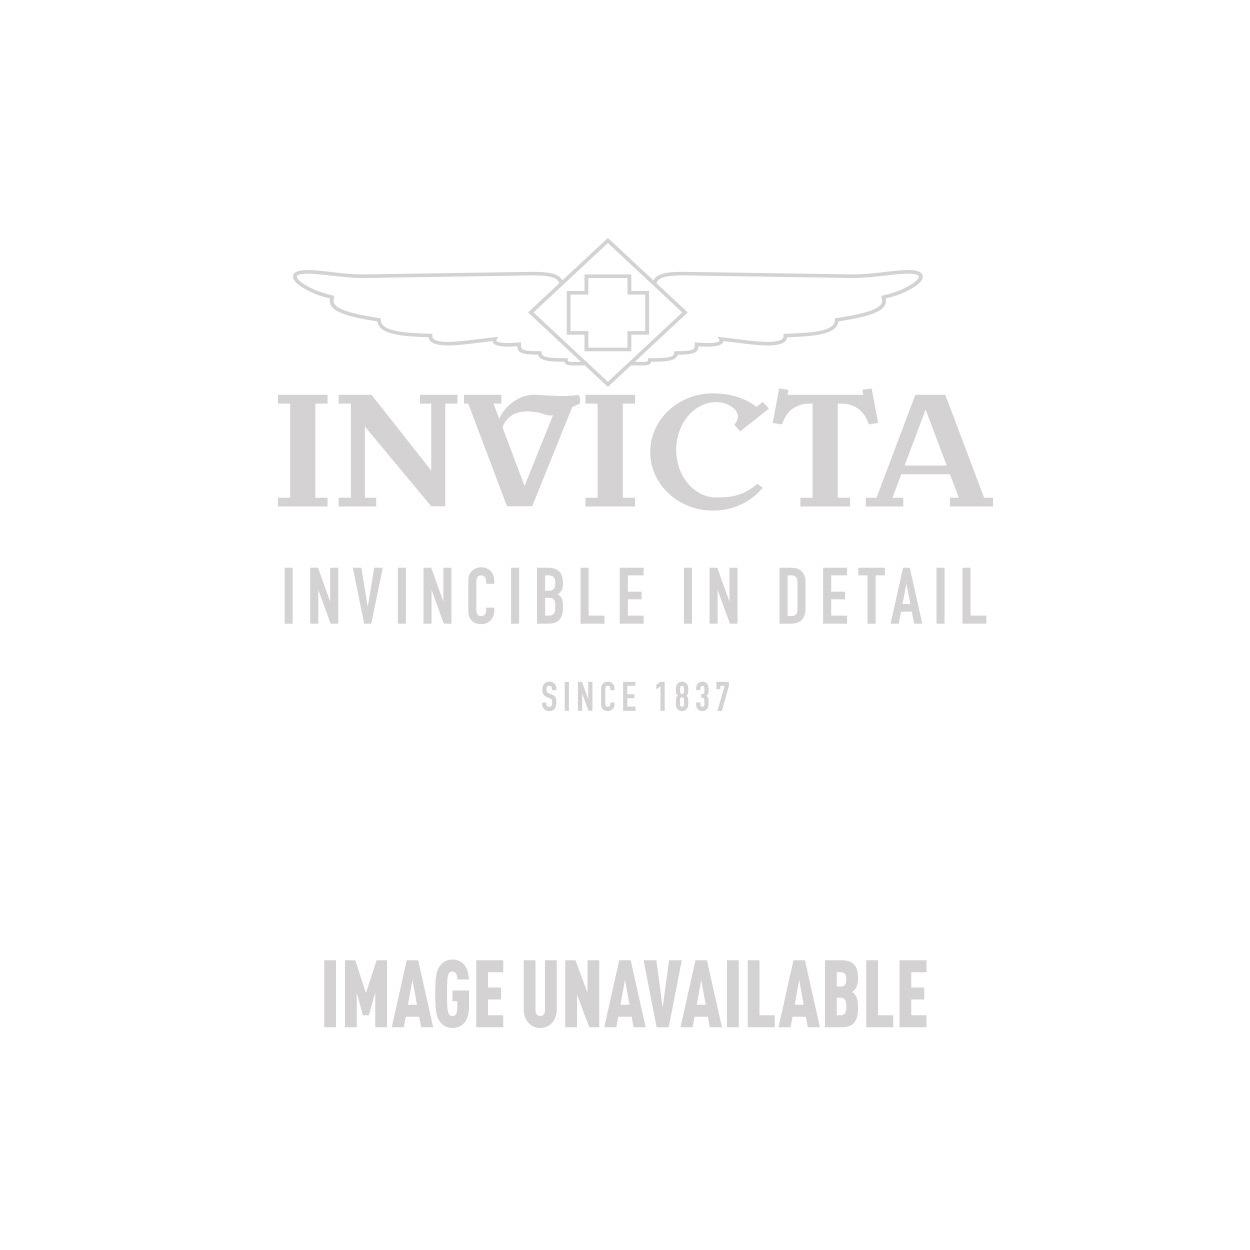 Invicta Model 25548